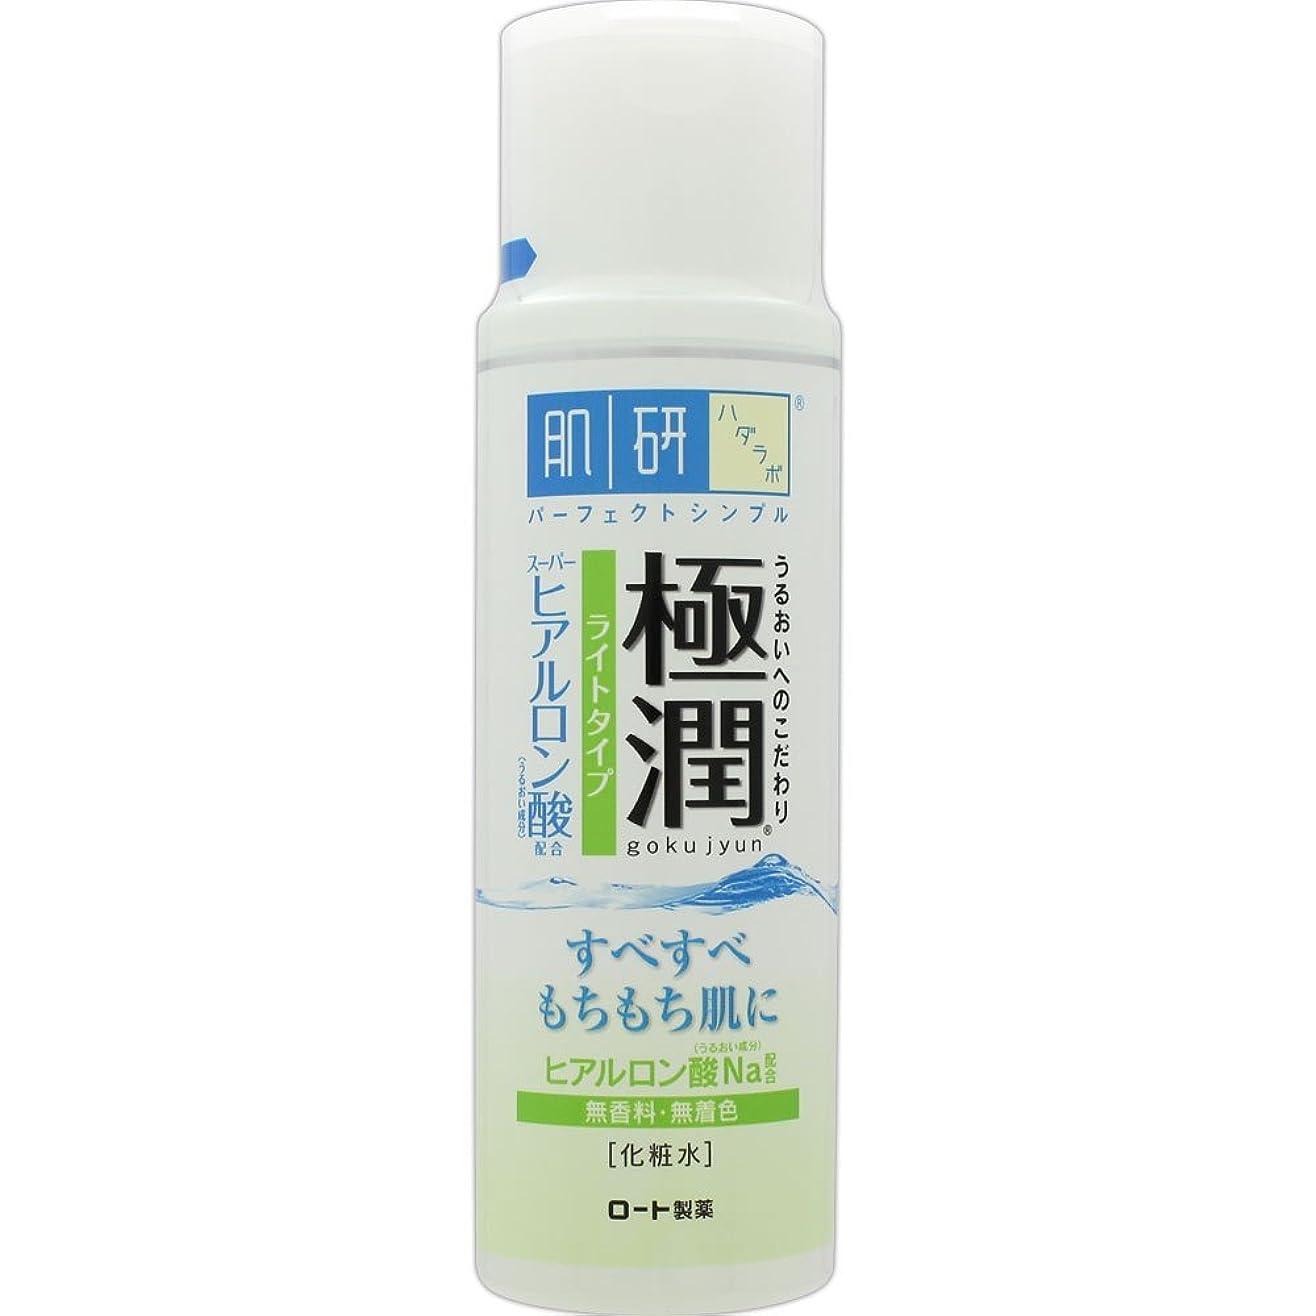 眉やむを得ないパートナー肌研(ハダラボ) 極潤 ヒアルロン液 ライトタイプ 170mL